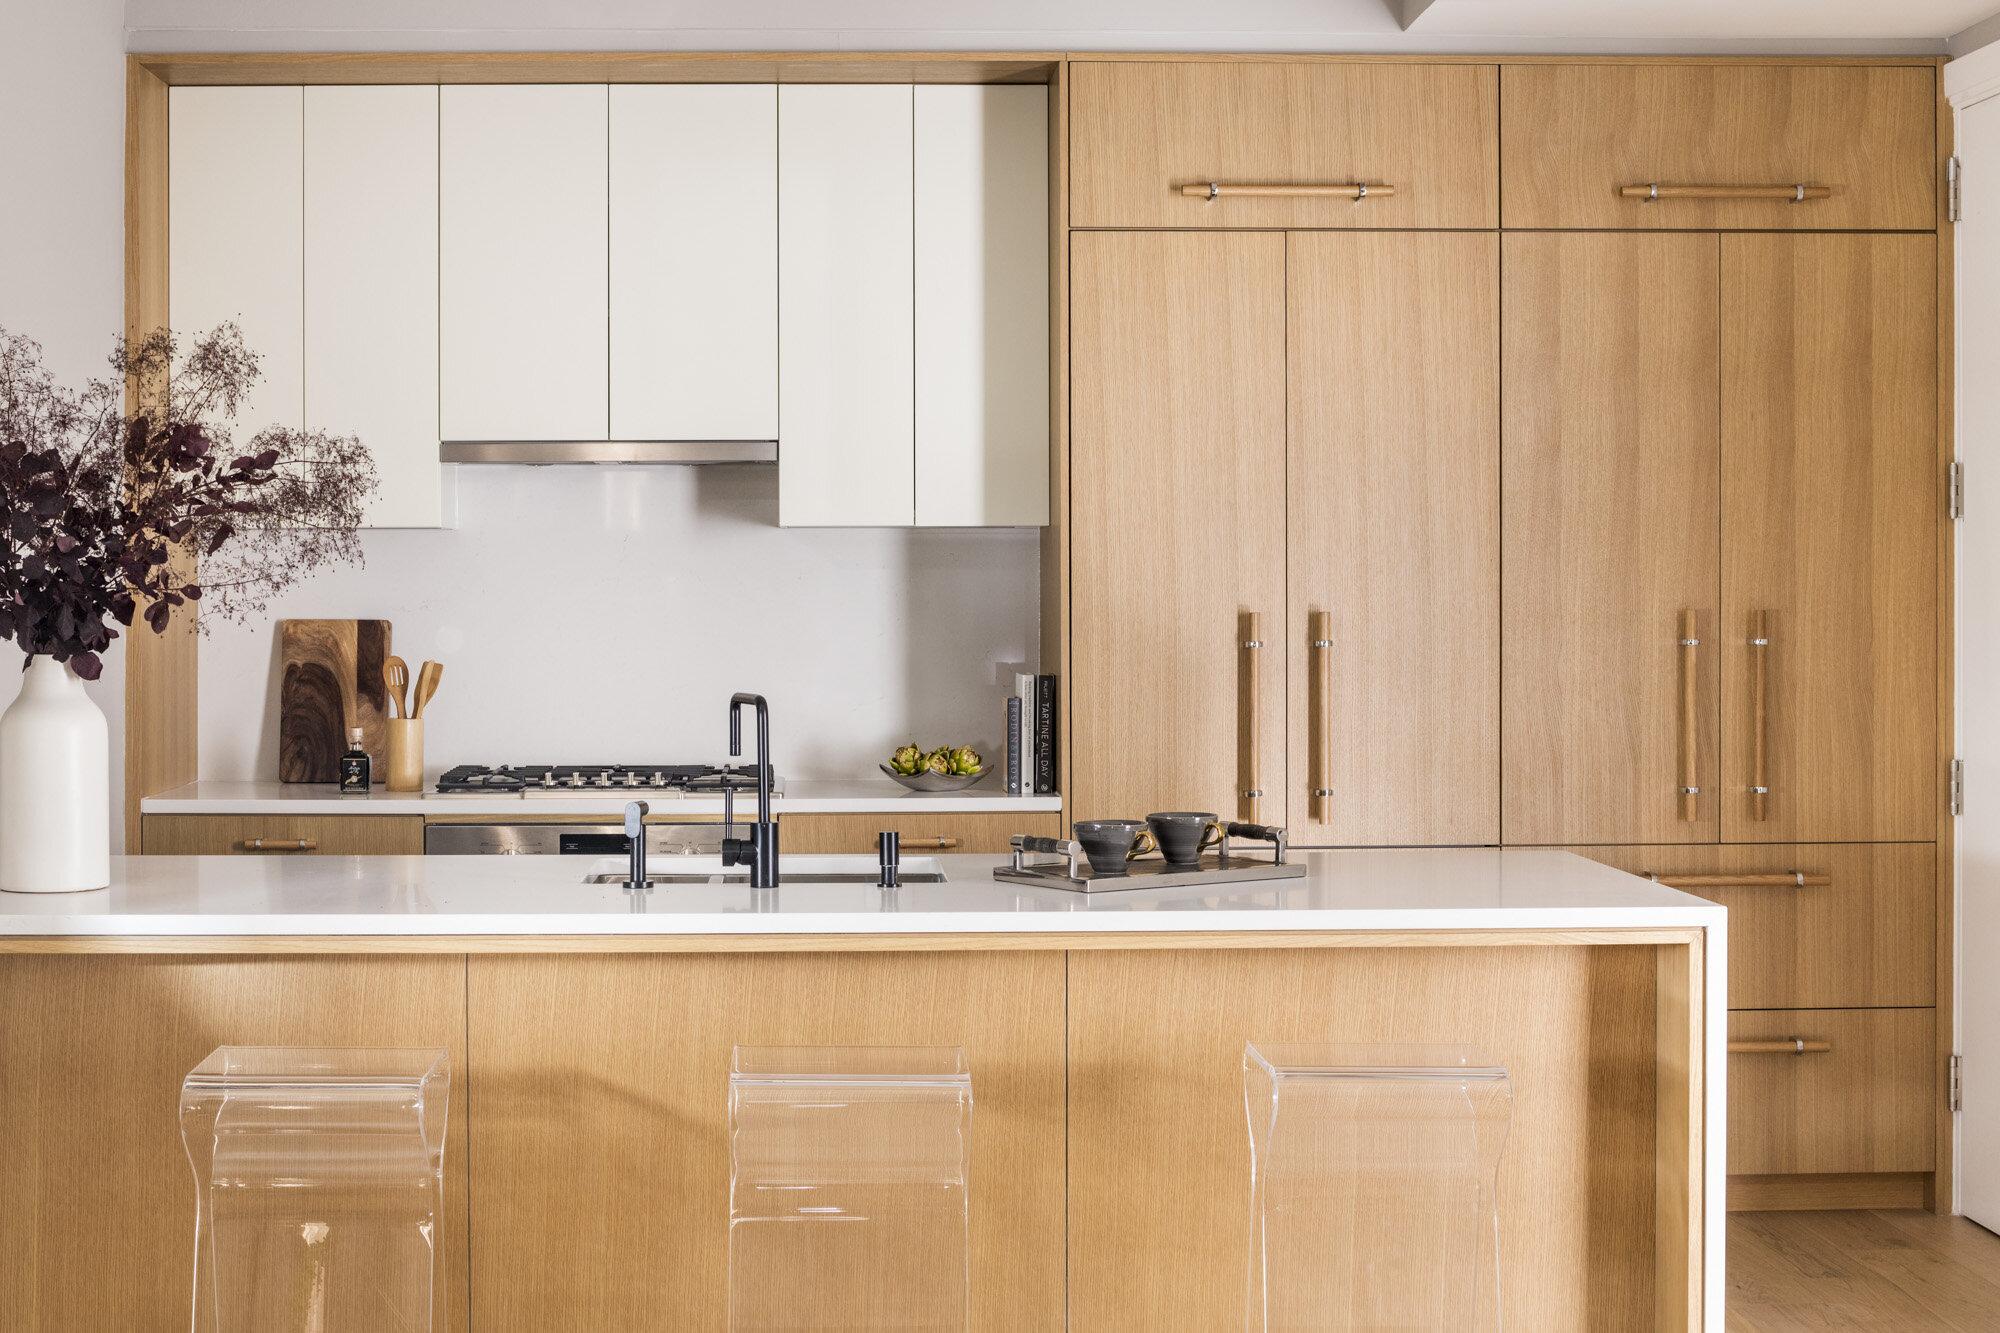 Galerie 3 bedroom kitchen.jpg